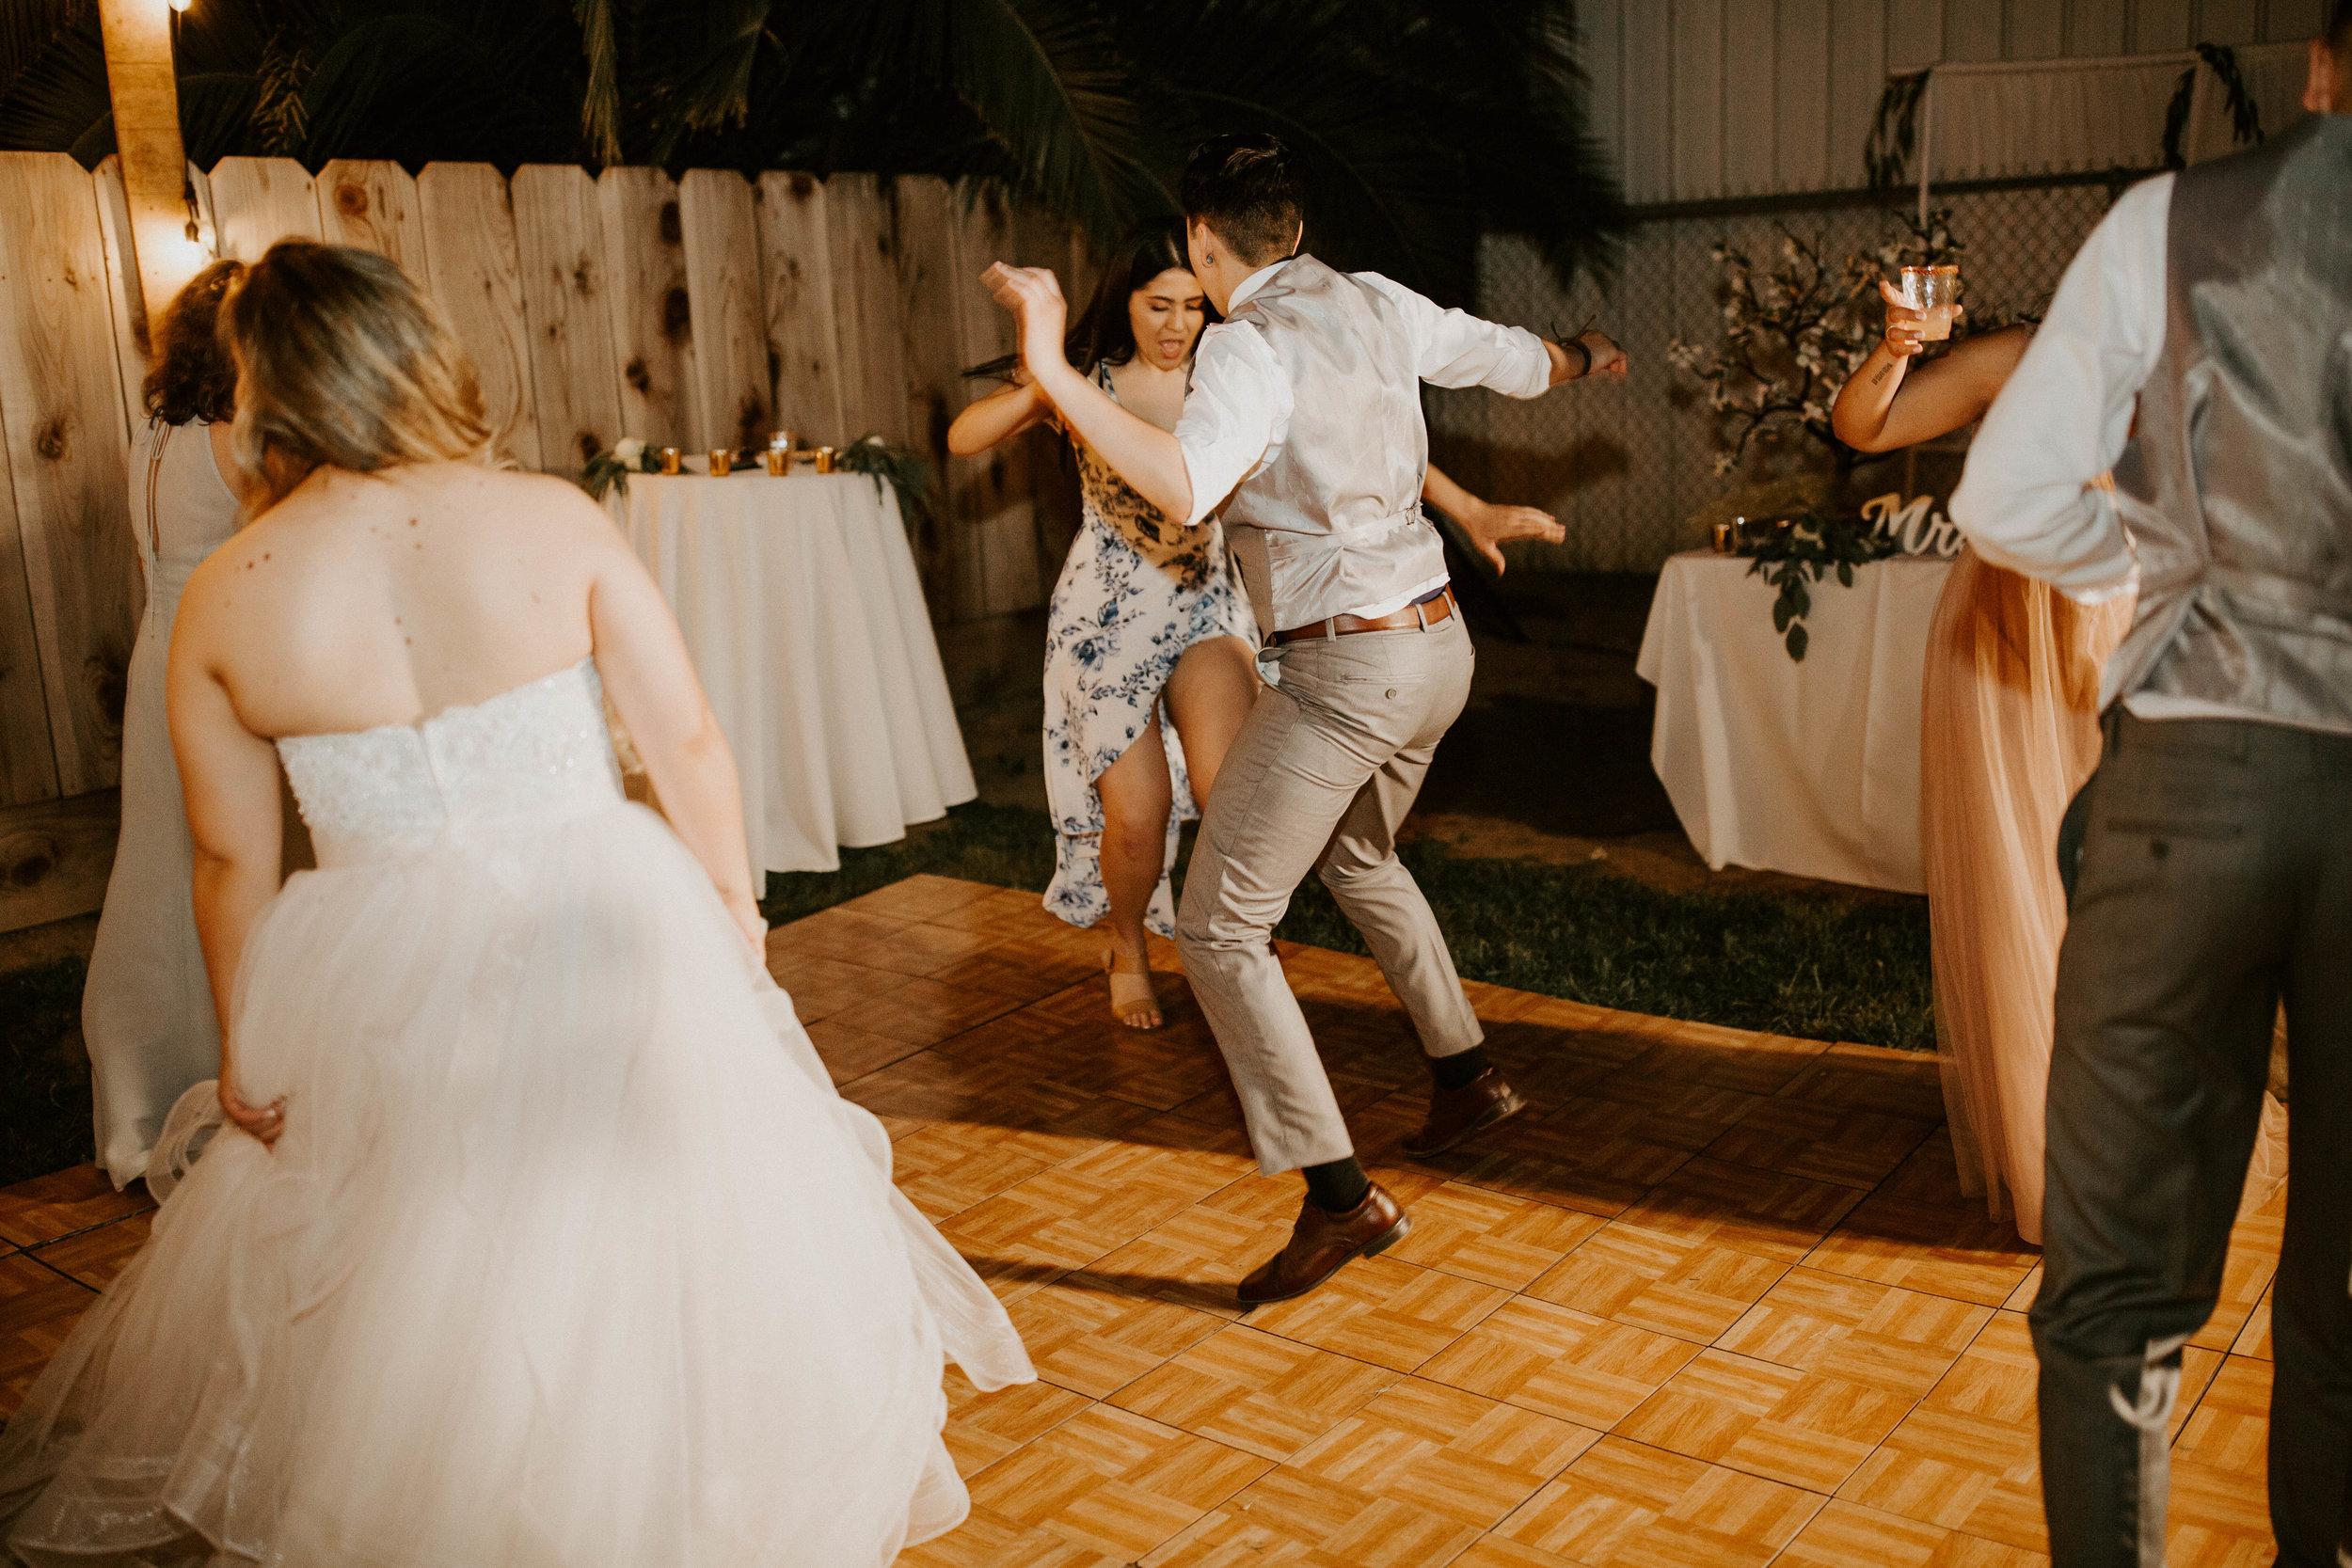 Kelsee&Yudith'sbackyardintimatewedding(561of646).jpg